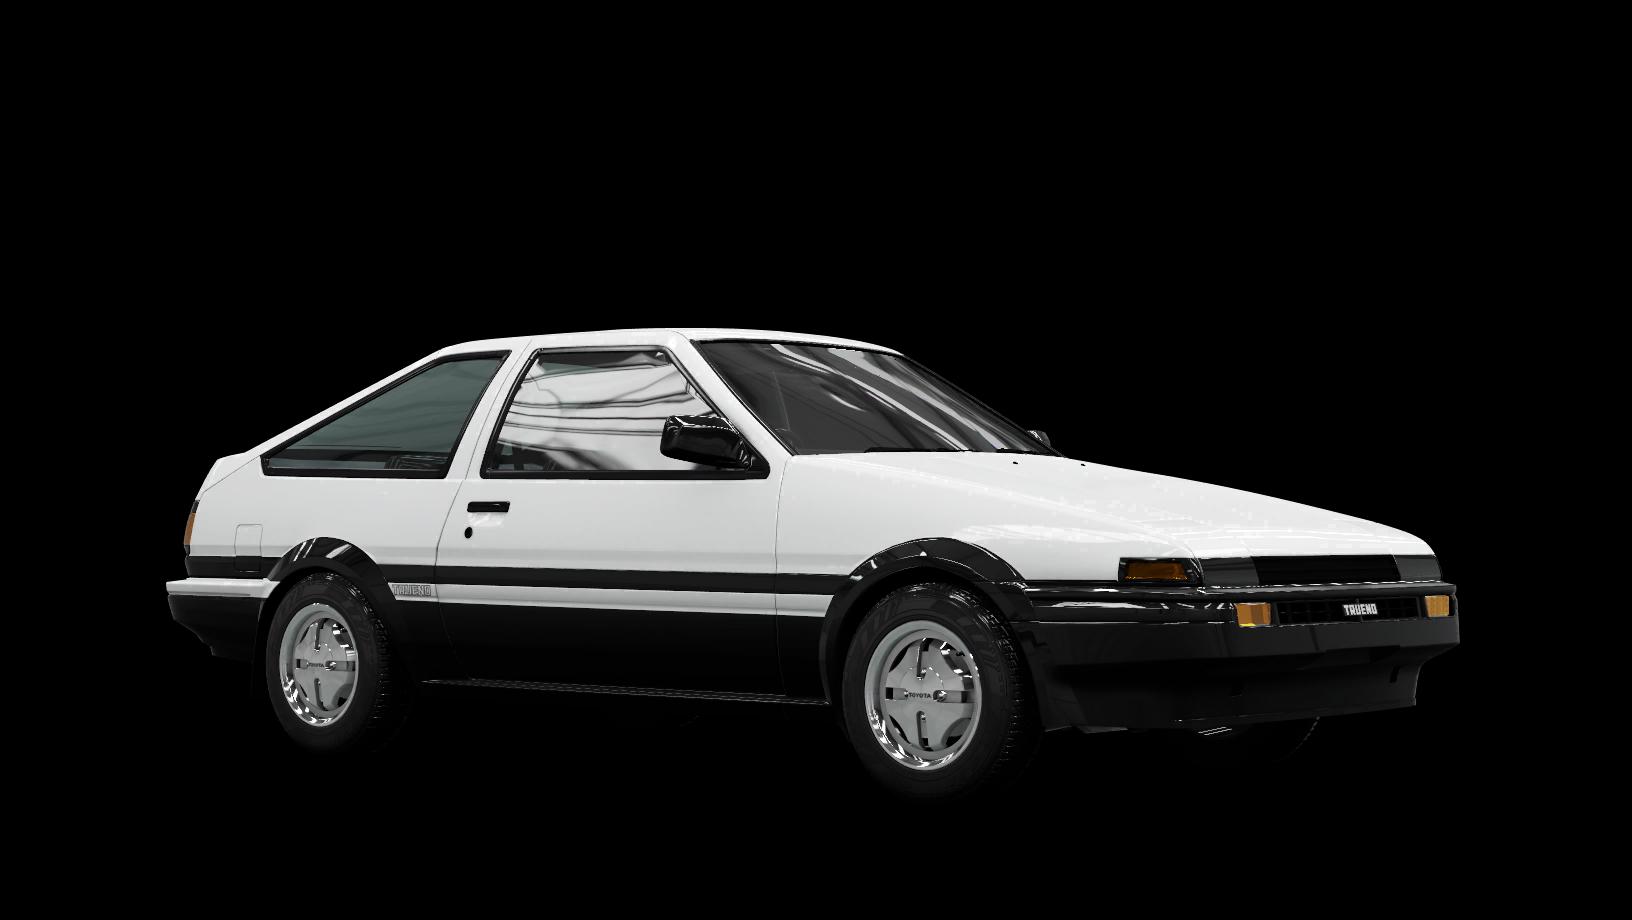 Toyota Sprinter Trueno Gt Apex Forza Wiki Fandom